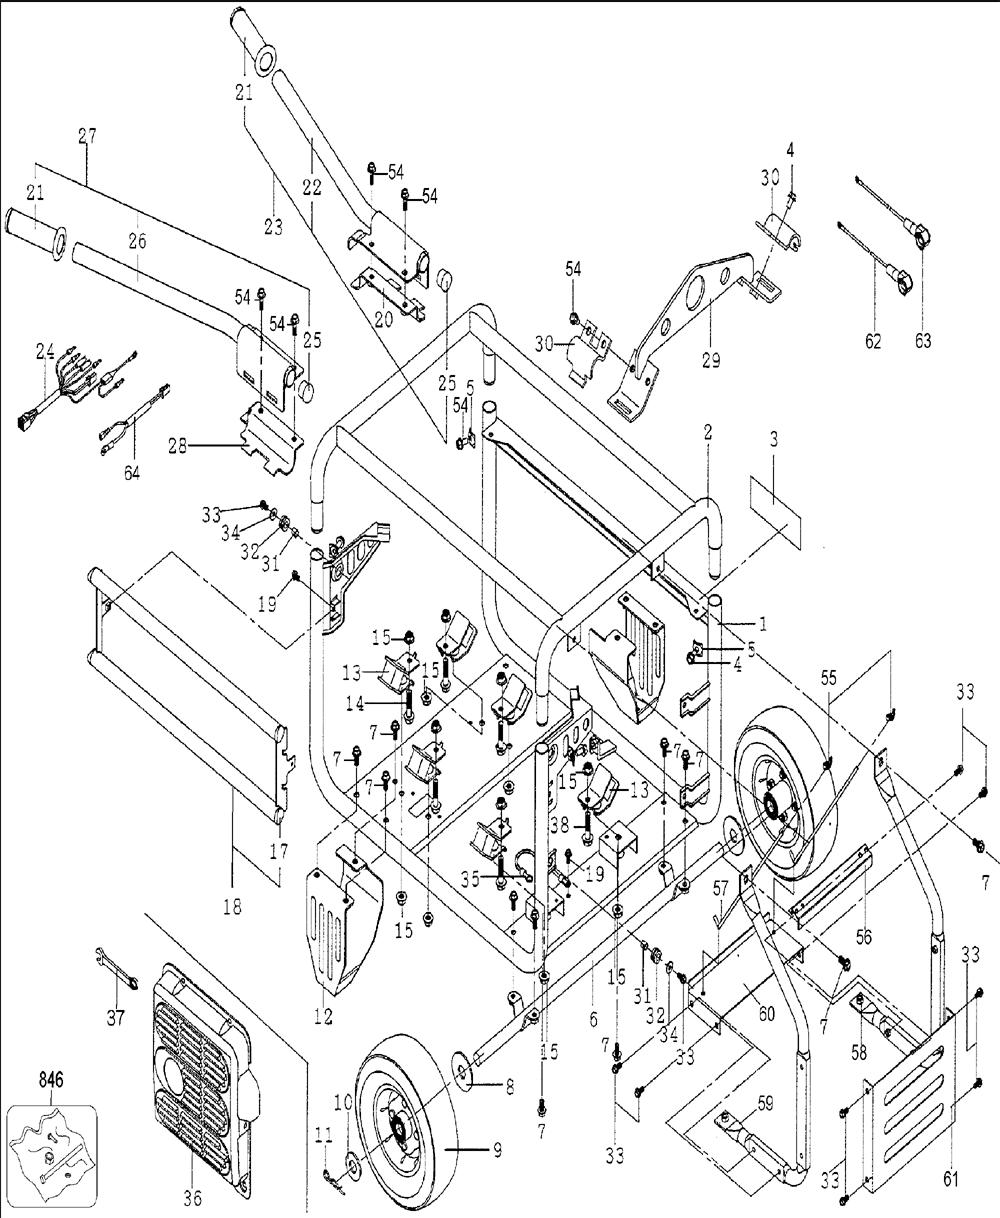 DG7000E-Dewalt-PB-2Break Down